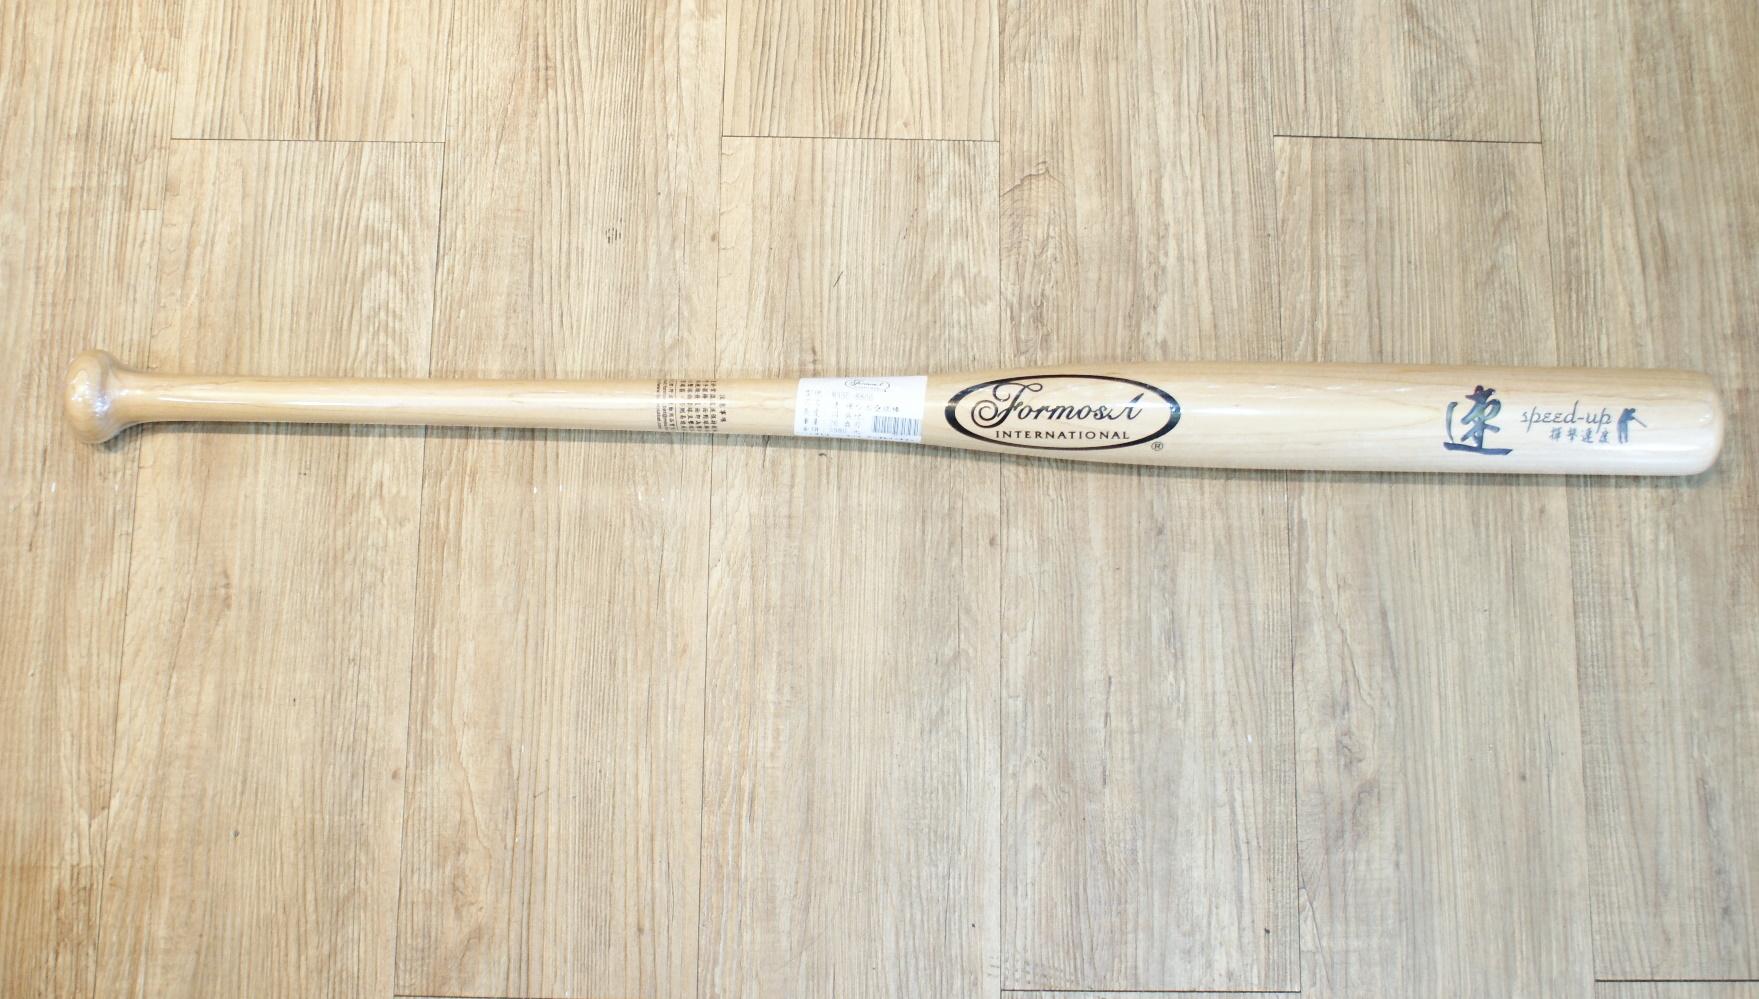 棒球世界 全新Formosa 速 職業級硬楓木壘球棒甜蜜點加大 職業用原木等級 細握把 特價